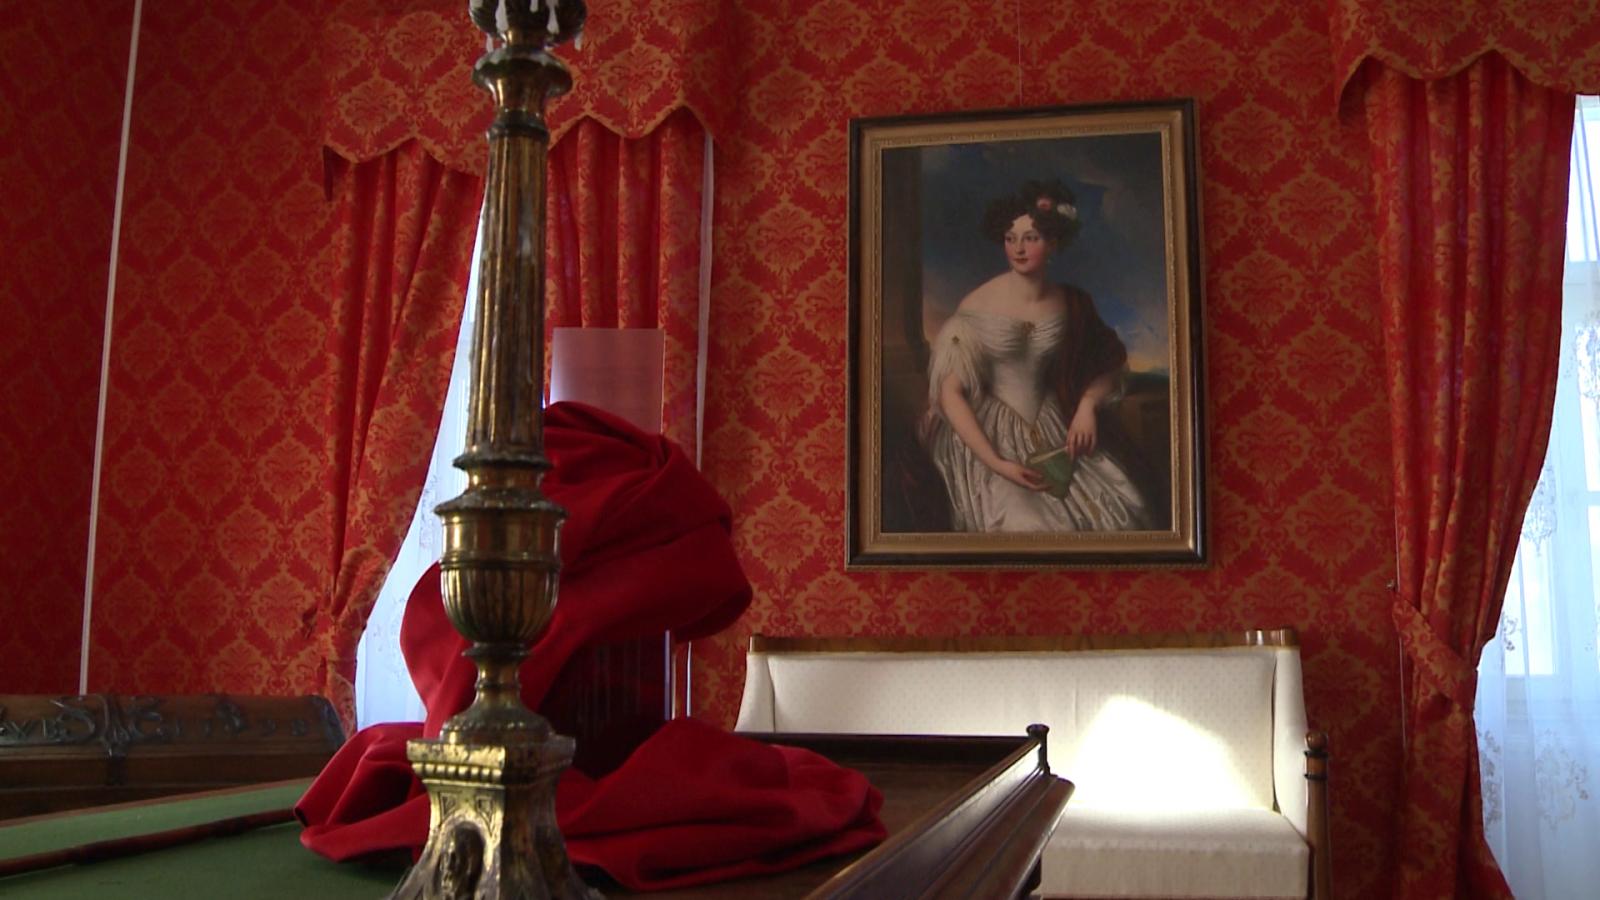 A vörös szoba, Claudia portréjával. A sarokban észrevehető a méretes utazóláda